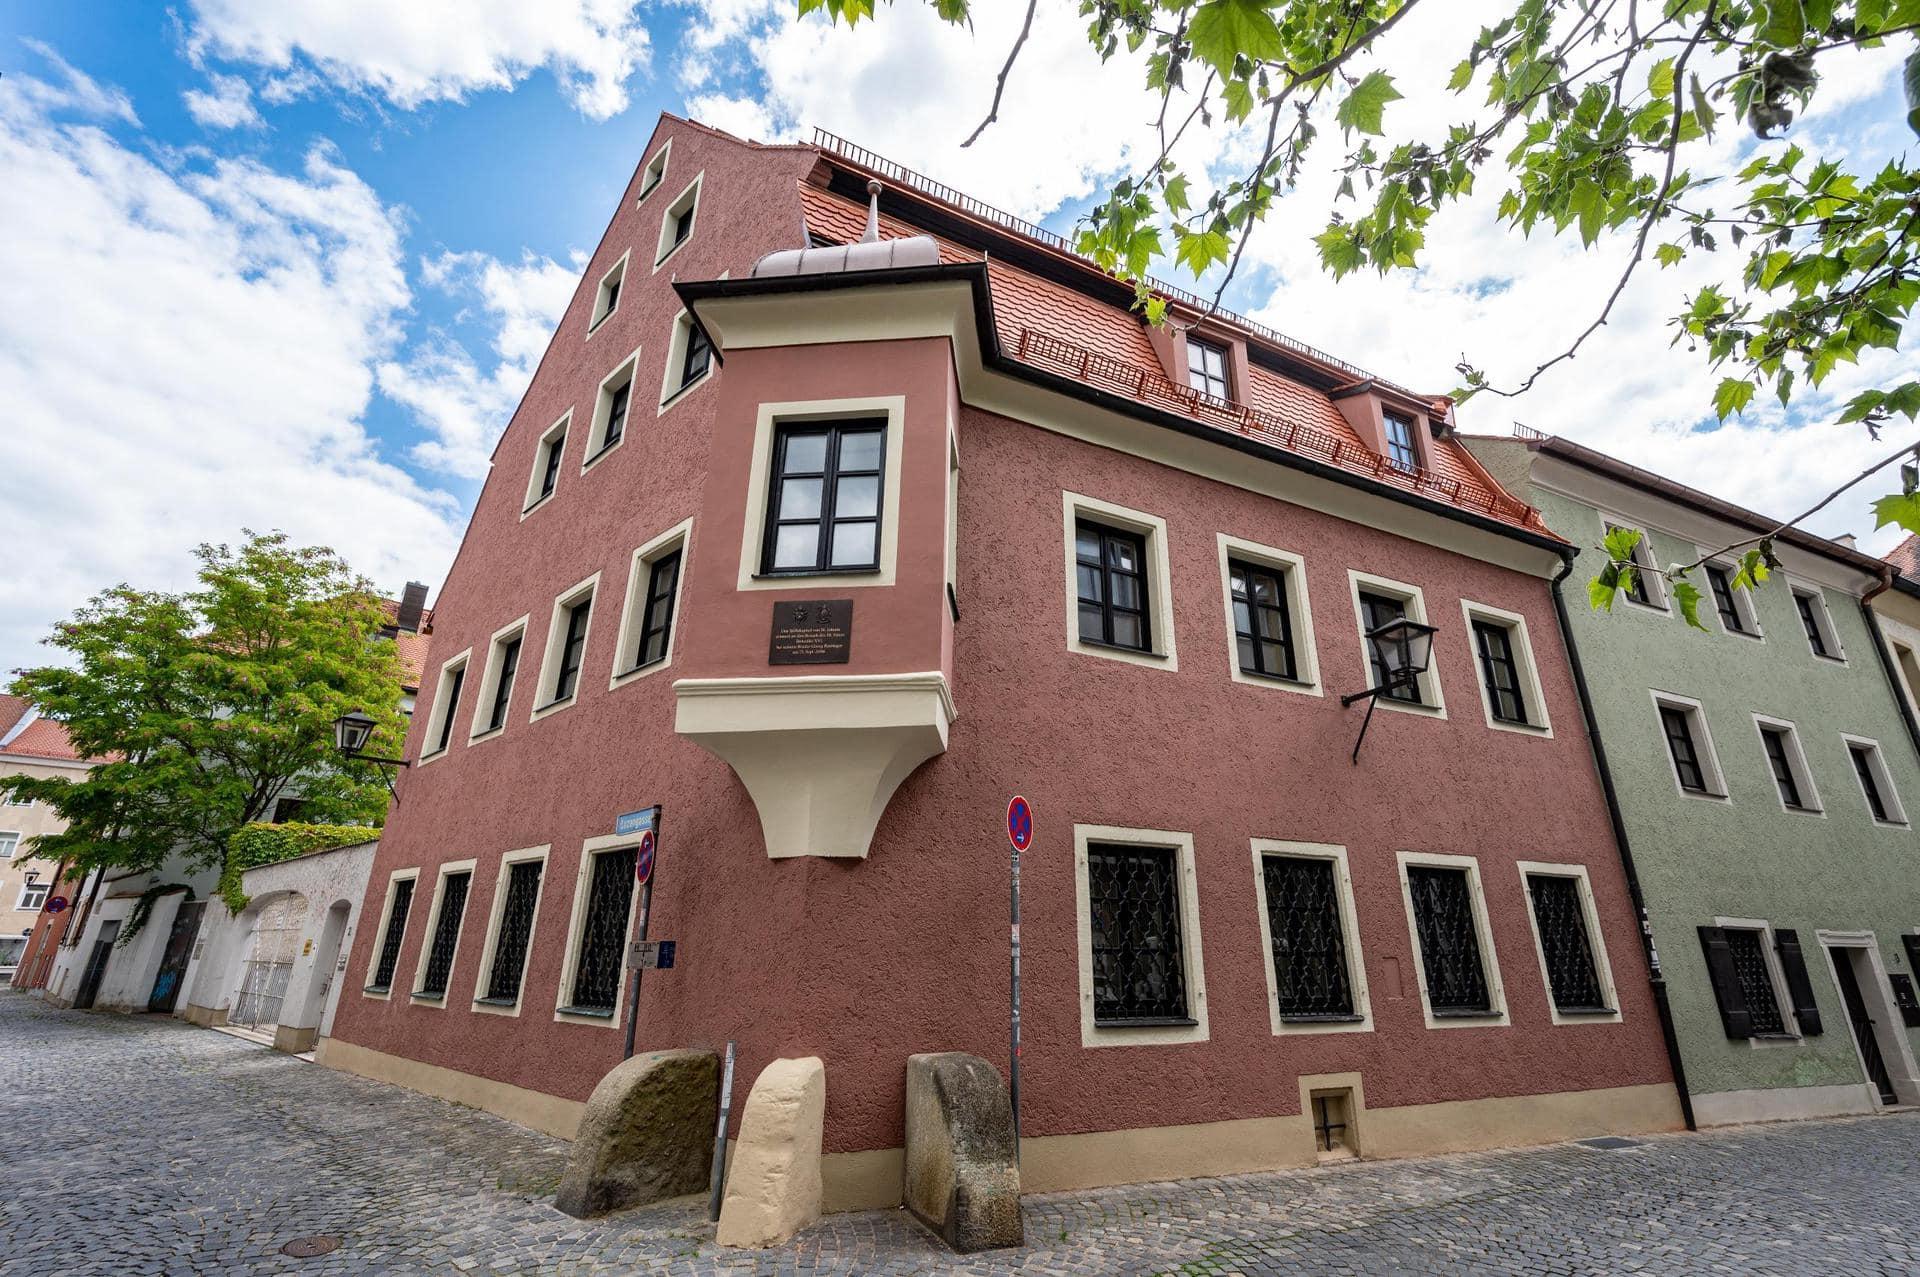 Früheres Wohnhaus von Georg Ratzinger wird renoviert Bruder von Papst Benedikt XVI.